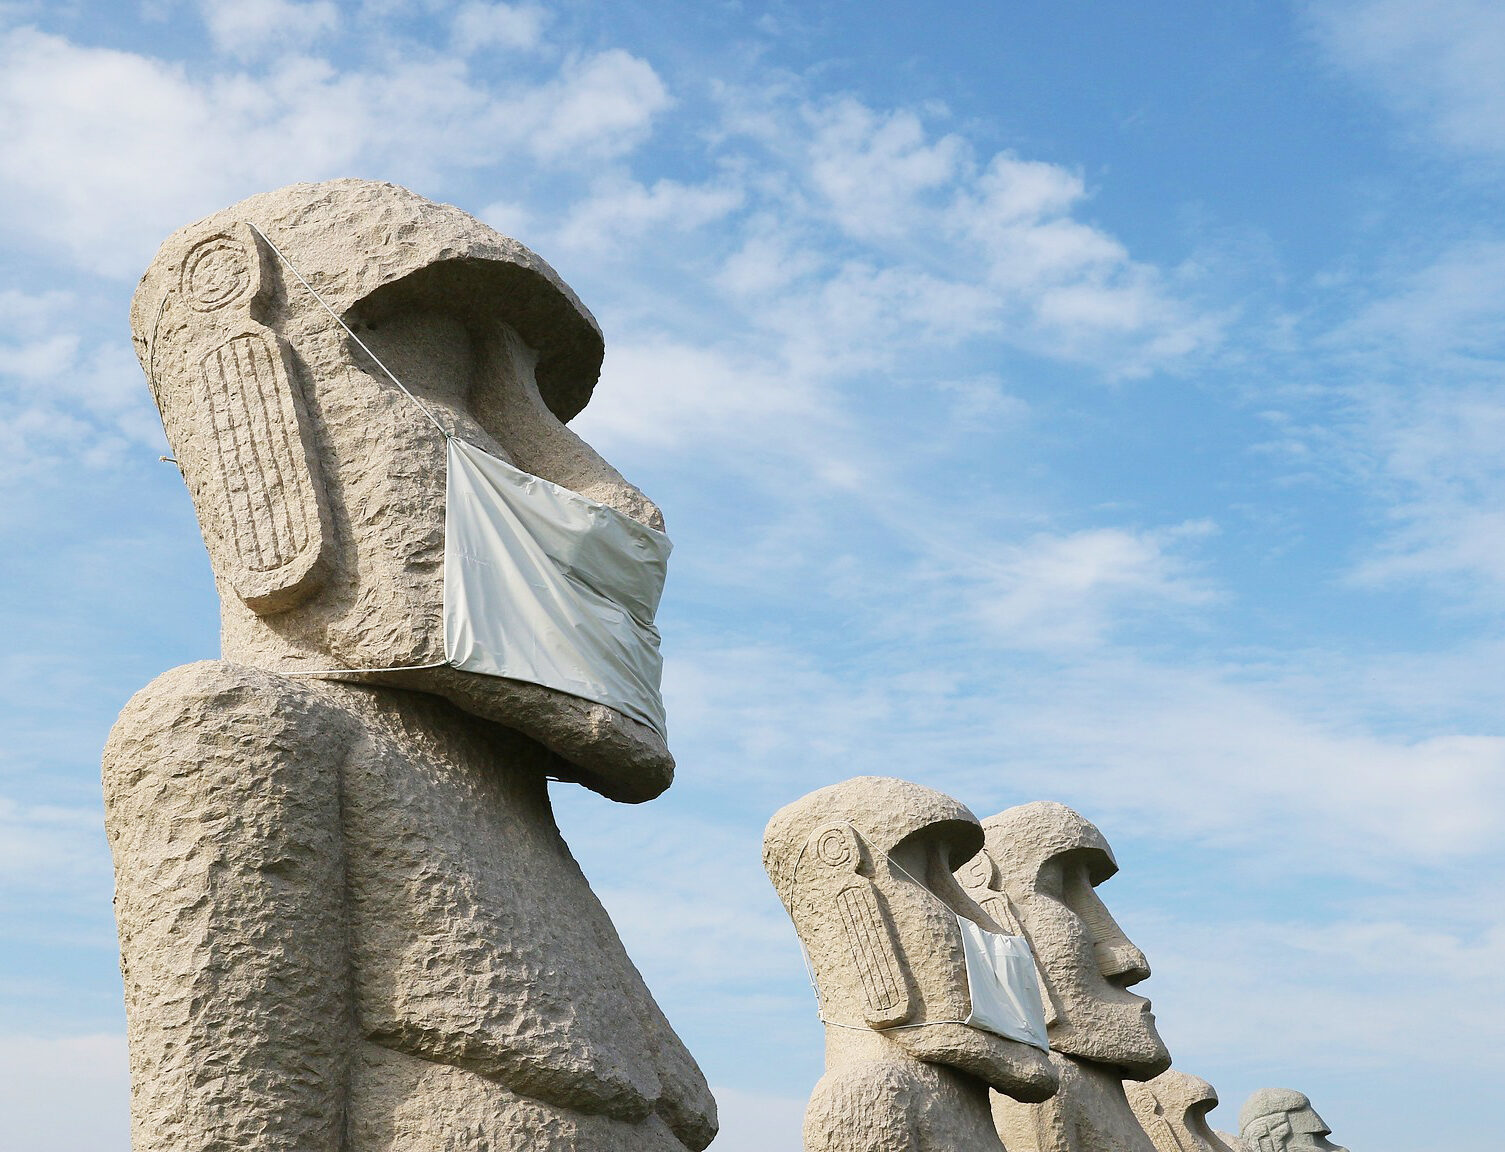 Moai-Statuen der Osterinseln mit Mund-Nase-Masken